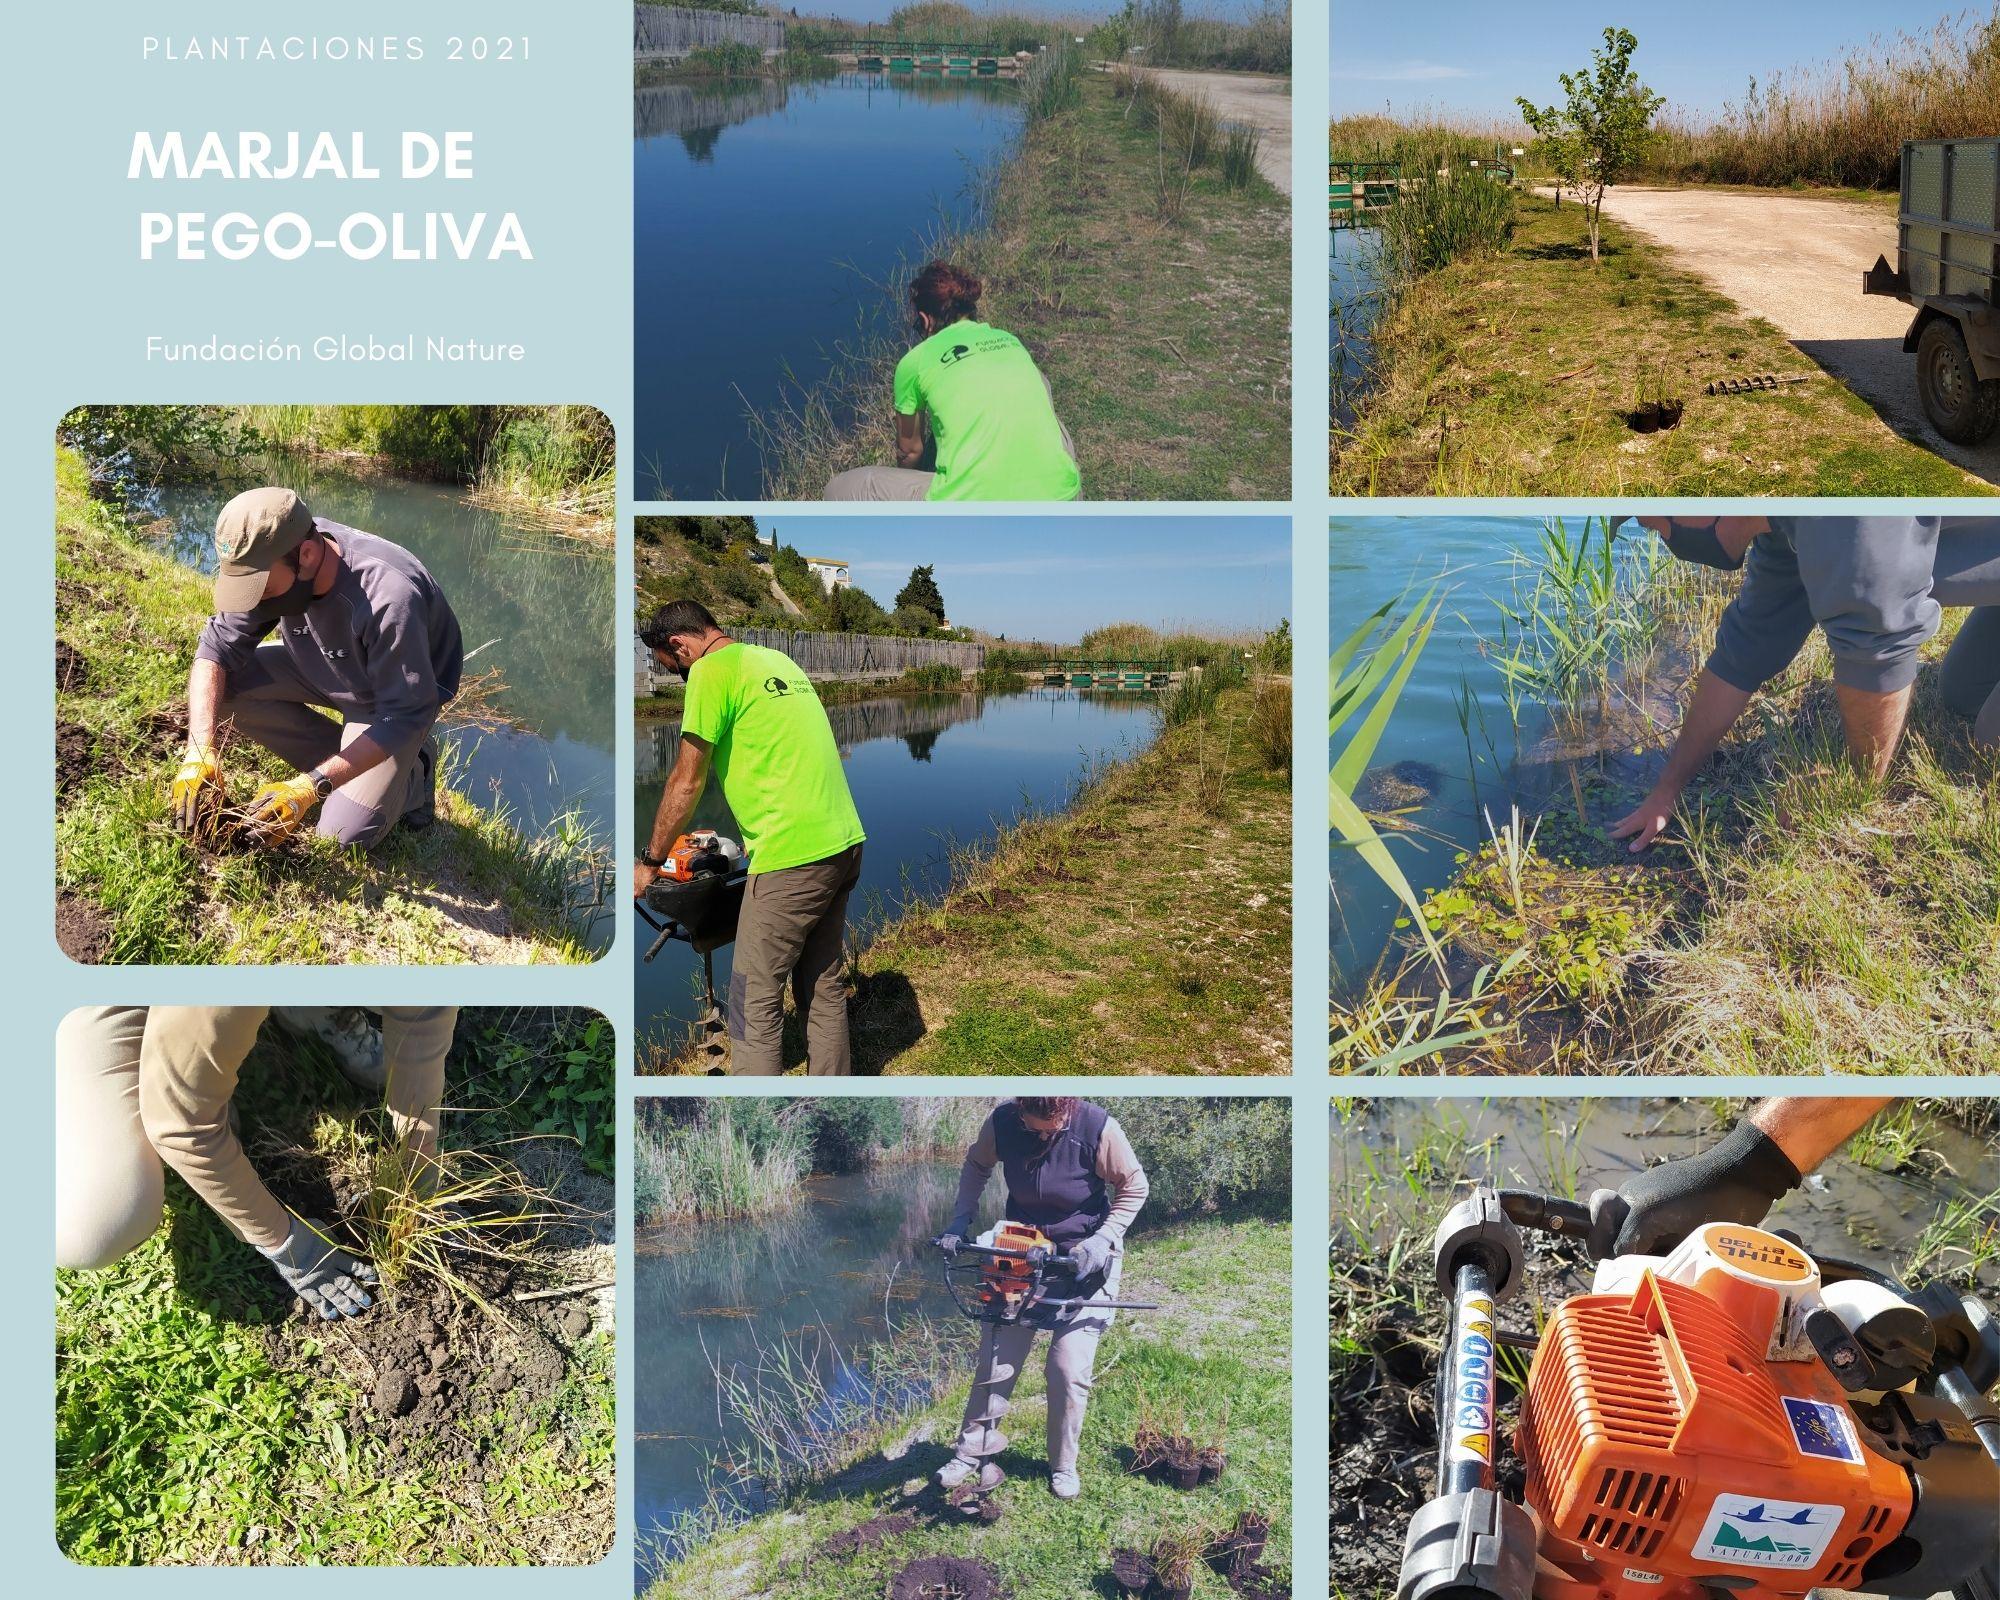 C:\FOTOS_FGN_LIFE_FOTOS\C4_Plantaciones\2021_03_Marjal Pego-Oliva\Marjal de Pego-Oliva collage.jpg